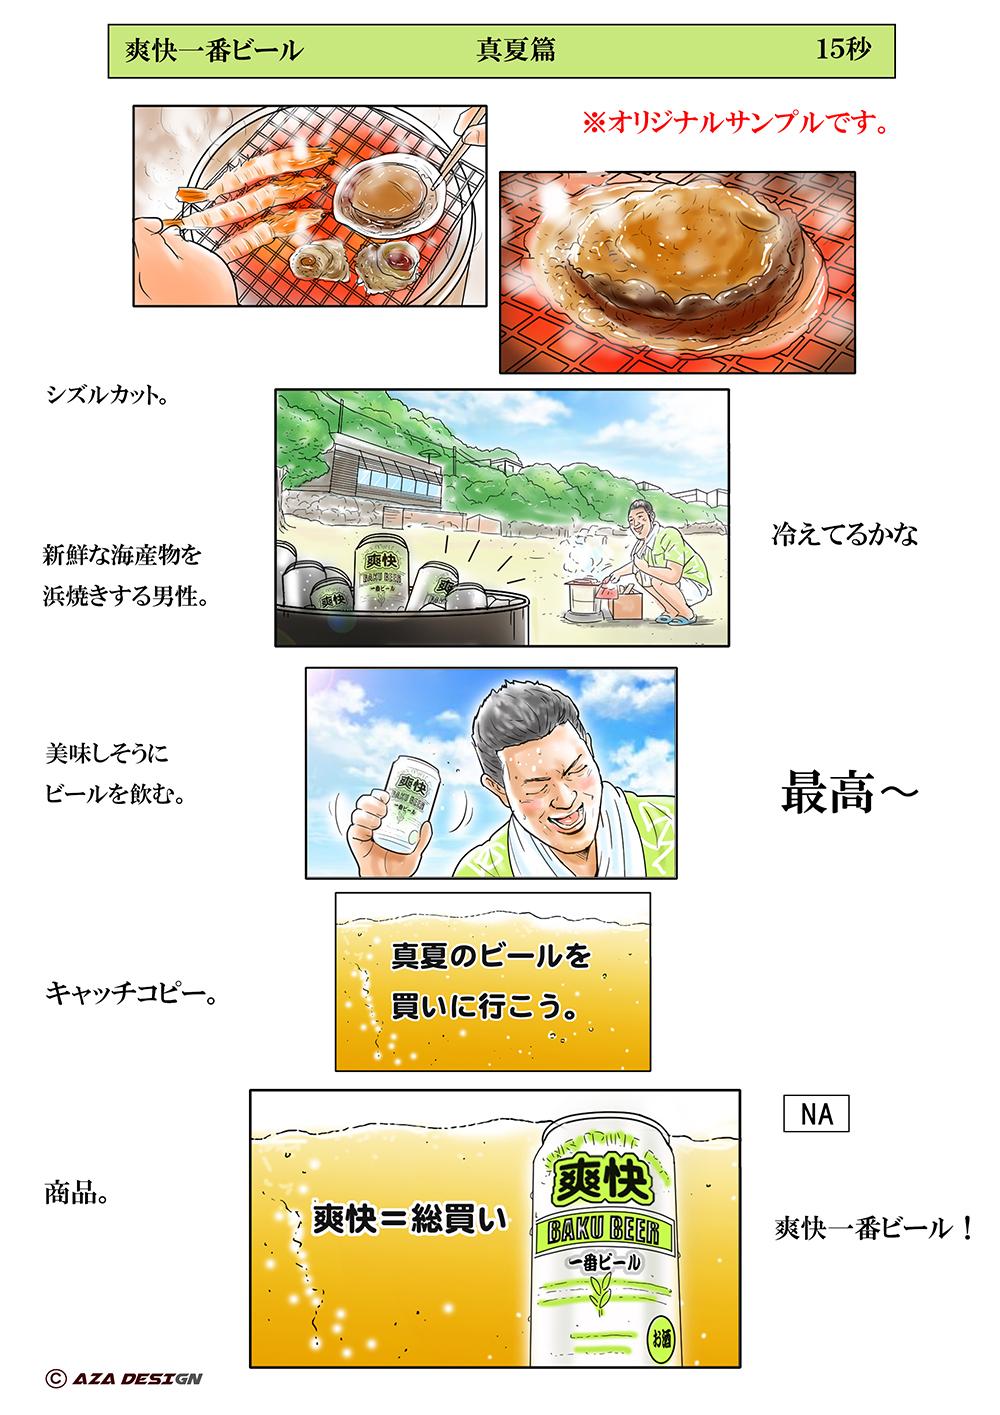 AZA絵コンテ